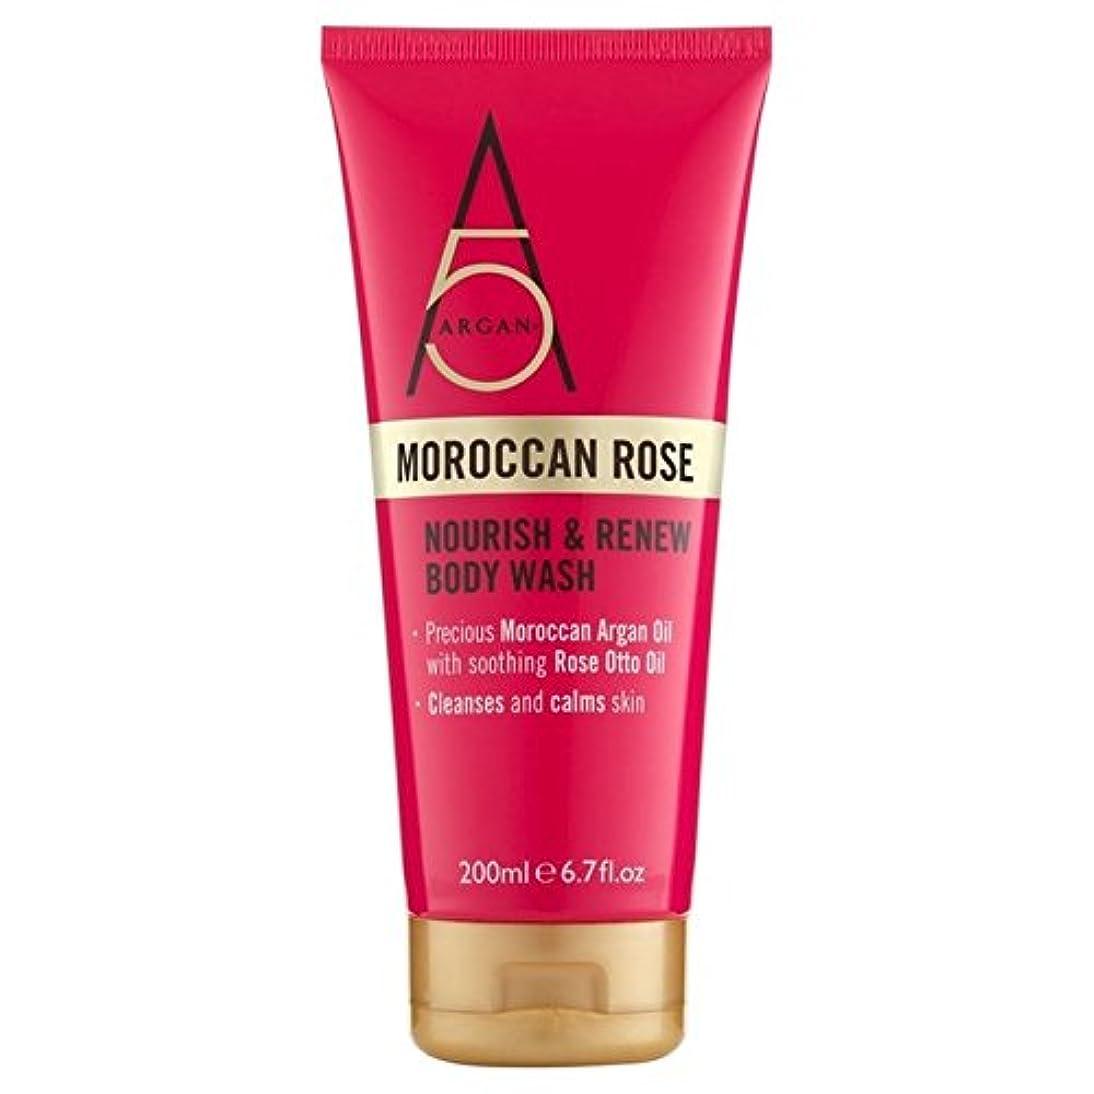 教えキャッシュ熟考するArgan+ Moroccan Rose Body Wash 300ml (Pack of 6) - アルガン+モロッコは、ボディウォッシュ300ミリリットルをバラ x6 [並行輸入品]